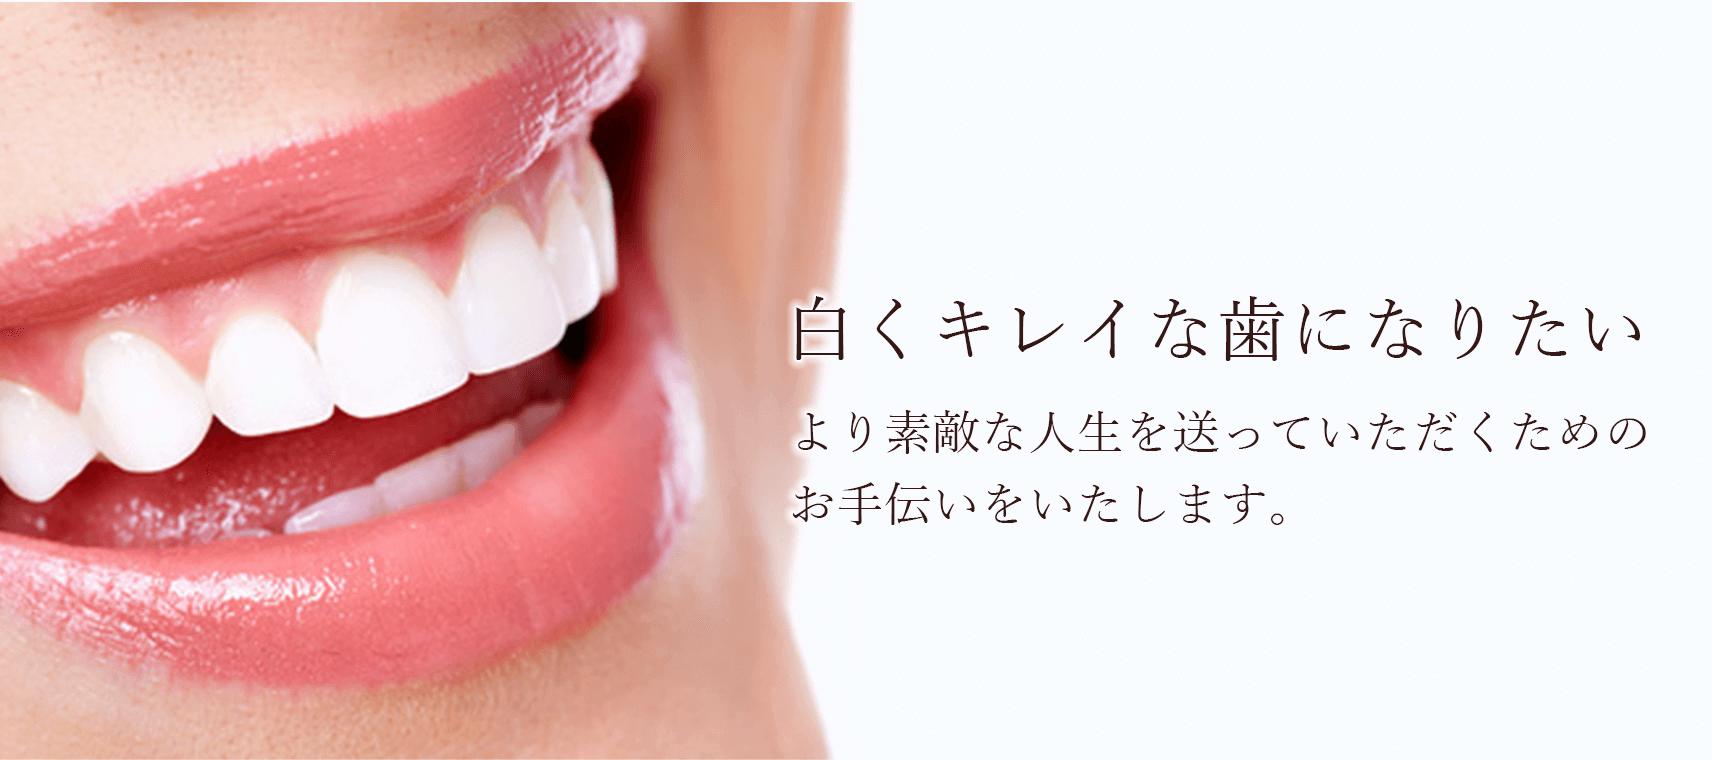 白くキレイな歯になりたい、審美治療とは